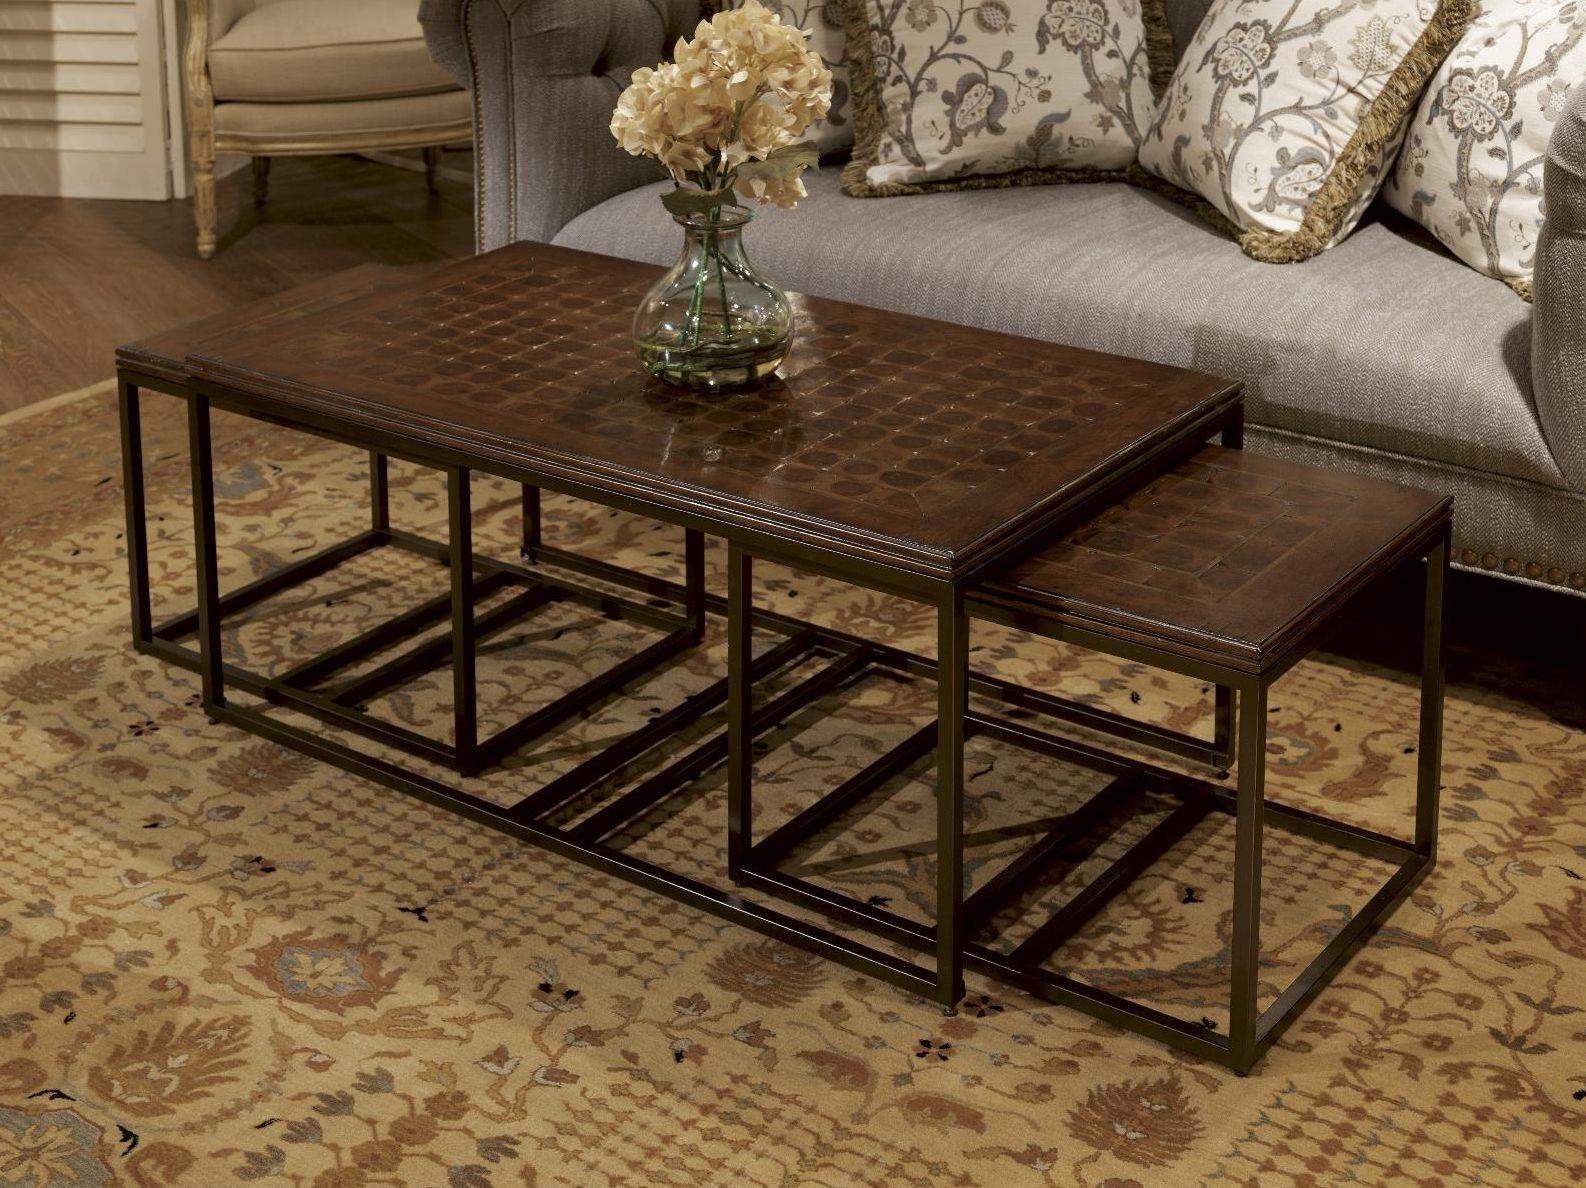 Fine Furniture Design Living Room Nesting Center Table